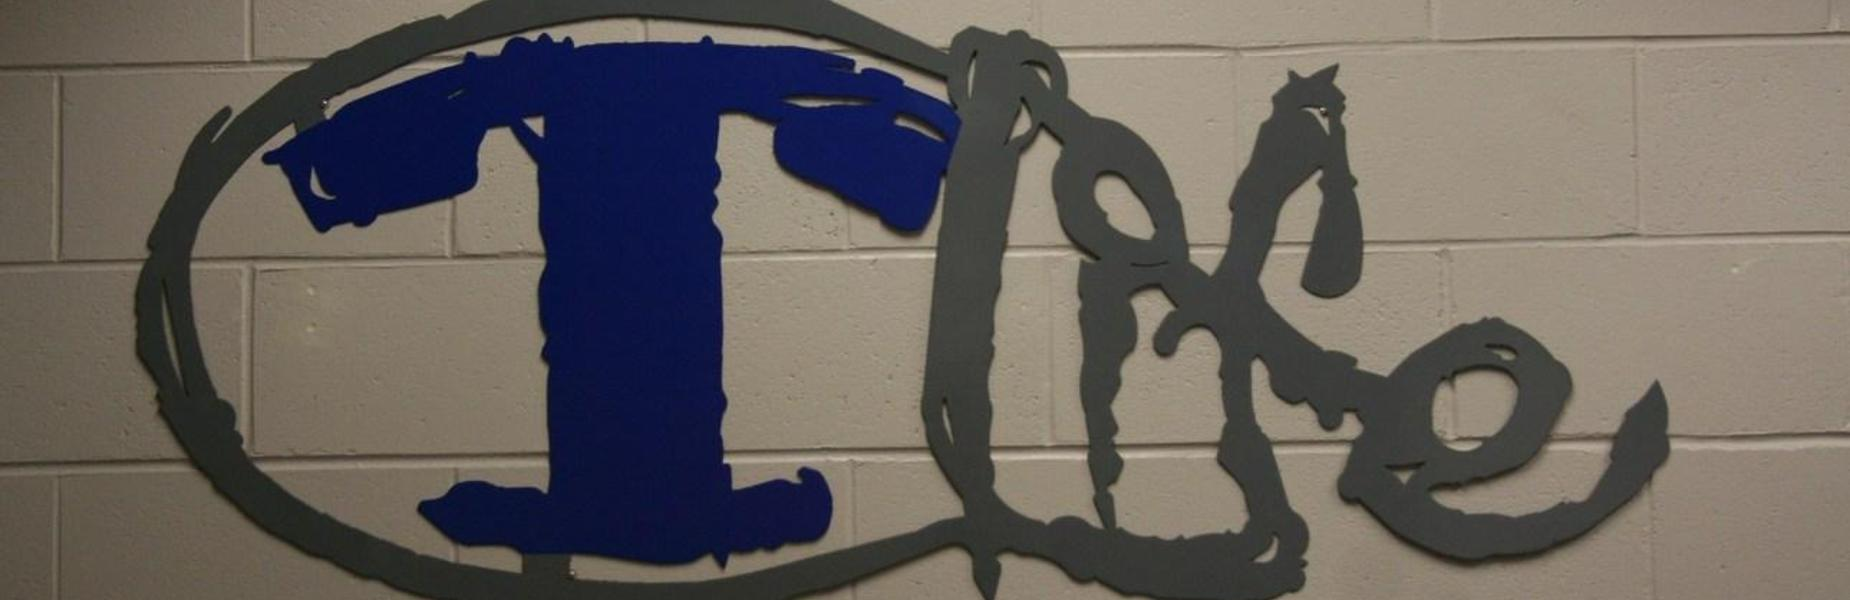 T-Life Image